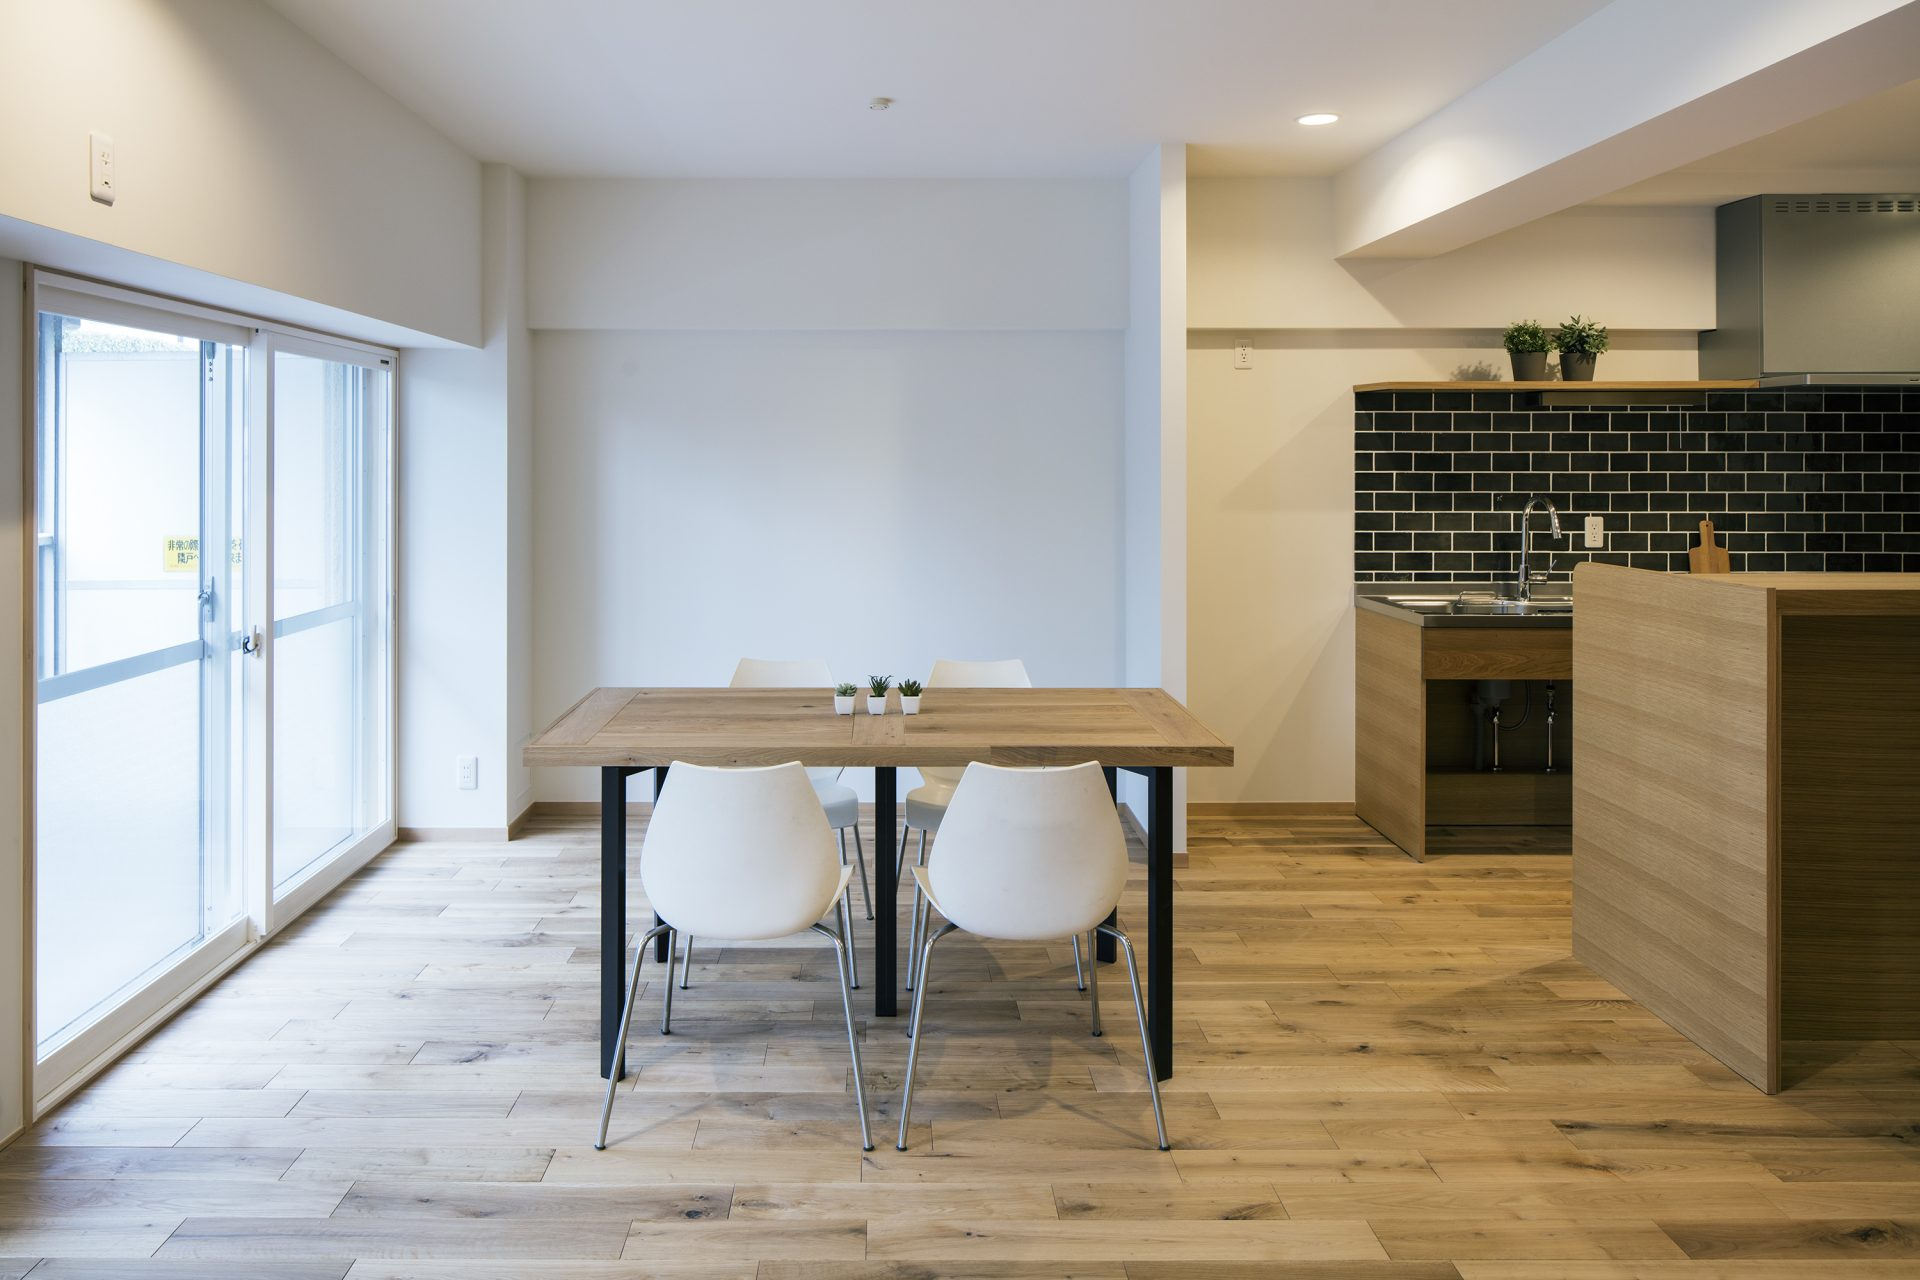 ダイニングテーブルは床材を貼って作りました。